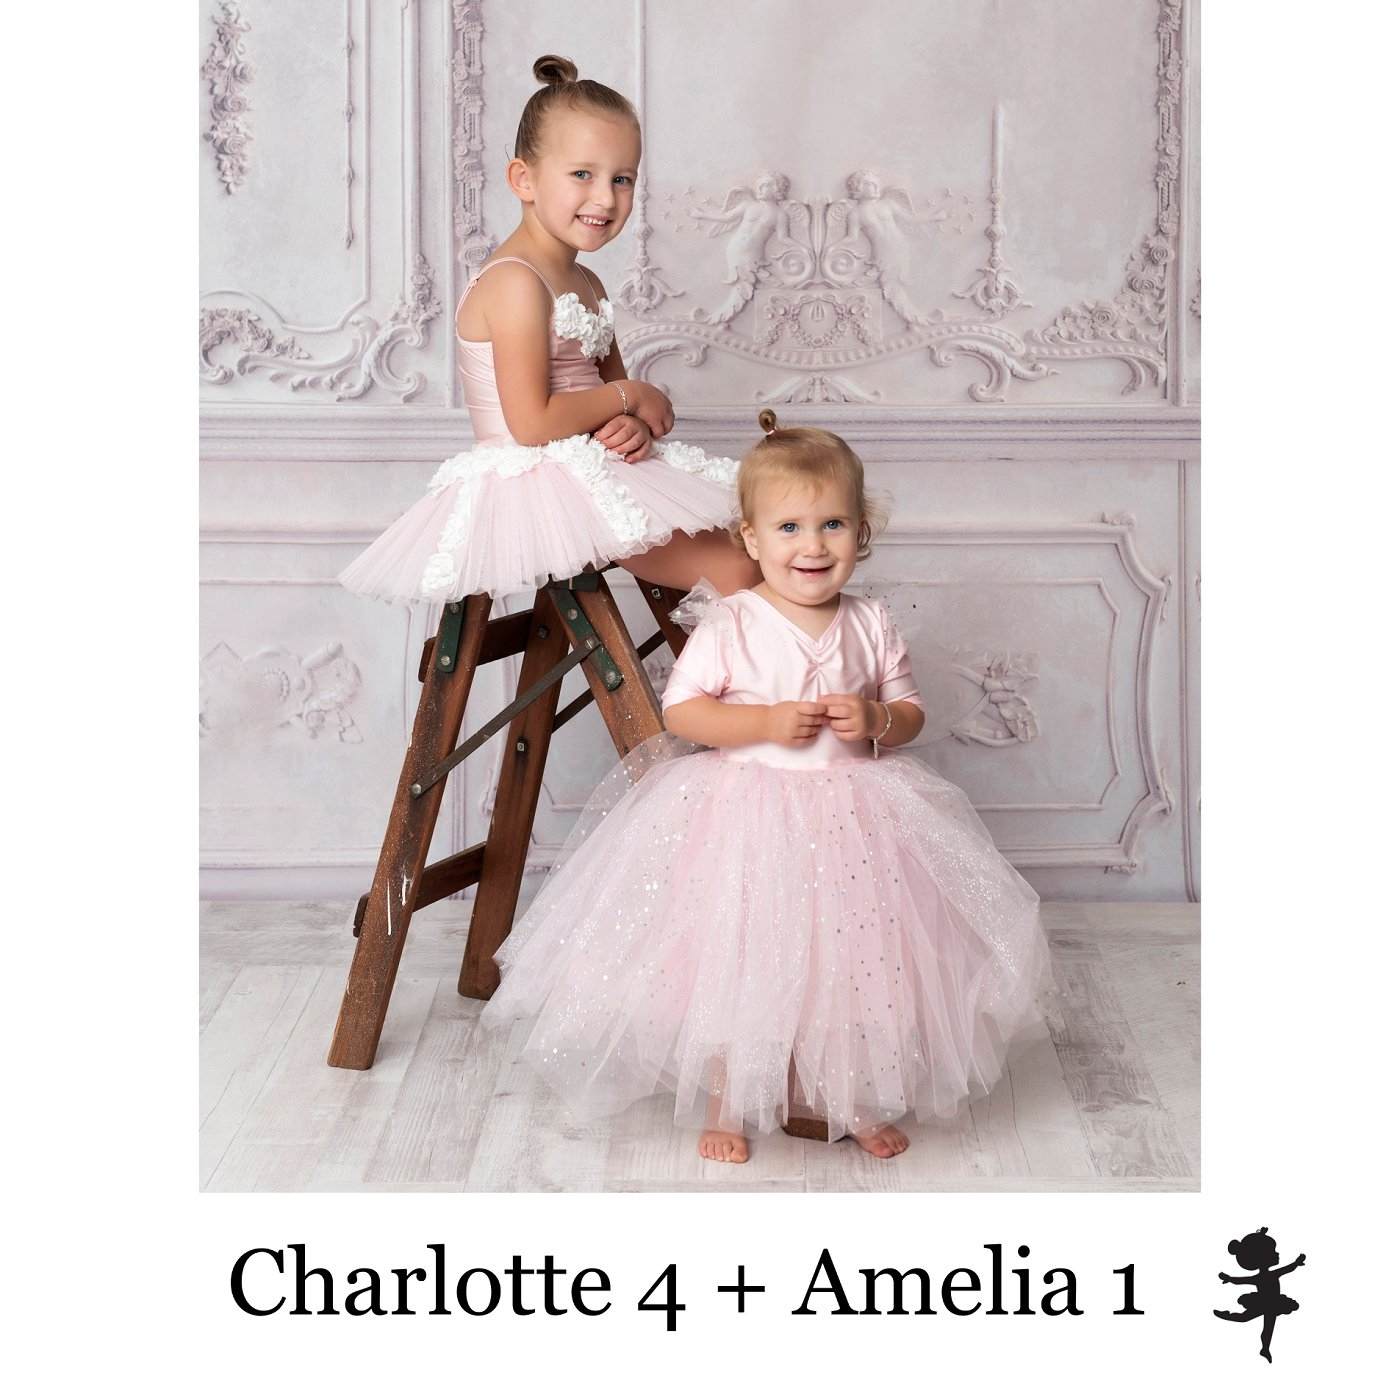 LB1019-Charlotte4 and Amelia1.jpg